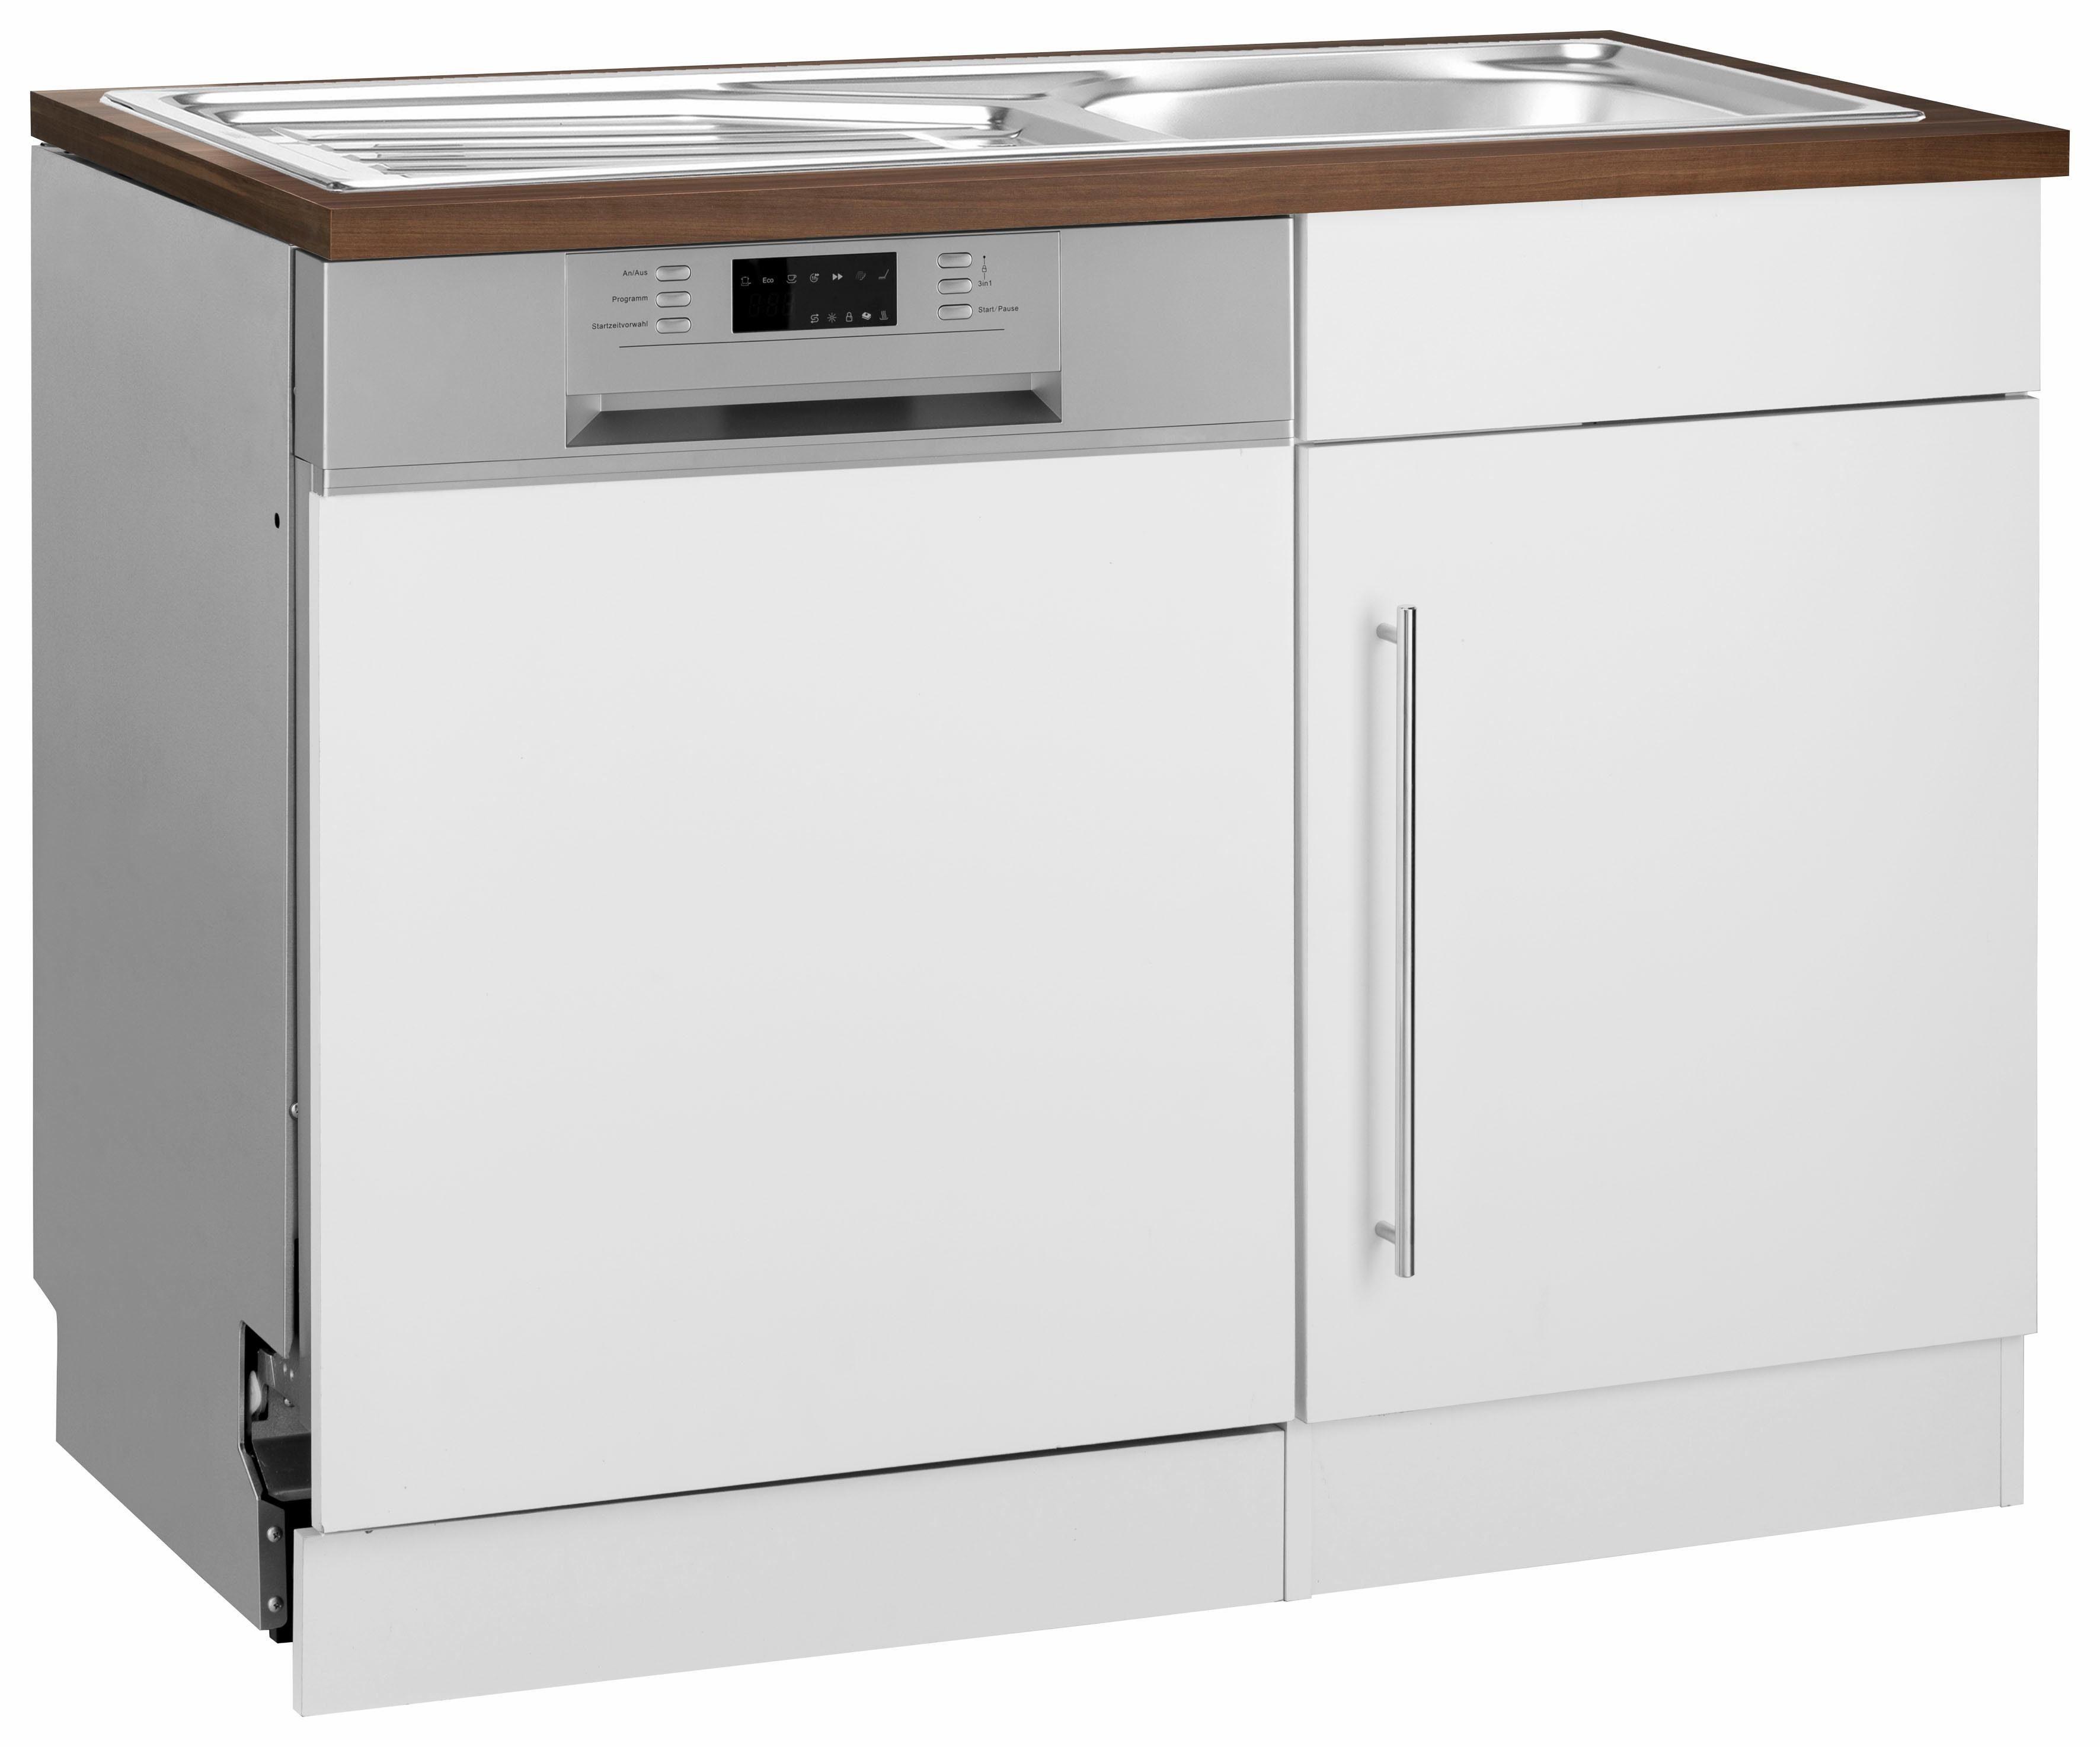 Spulmaschine Schrank Schrank Fur Backofen Kuchenmobel Bei